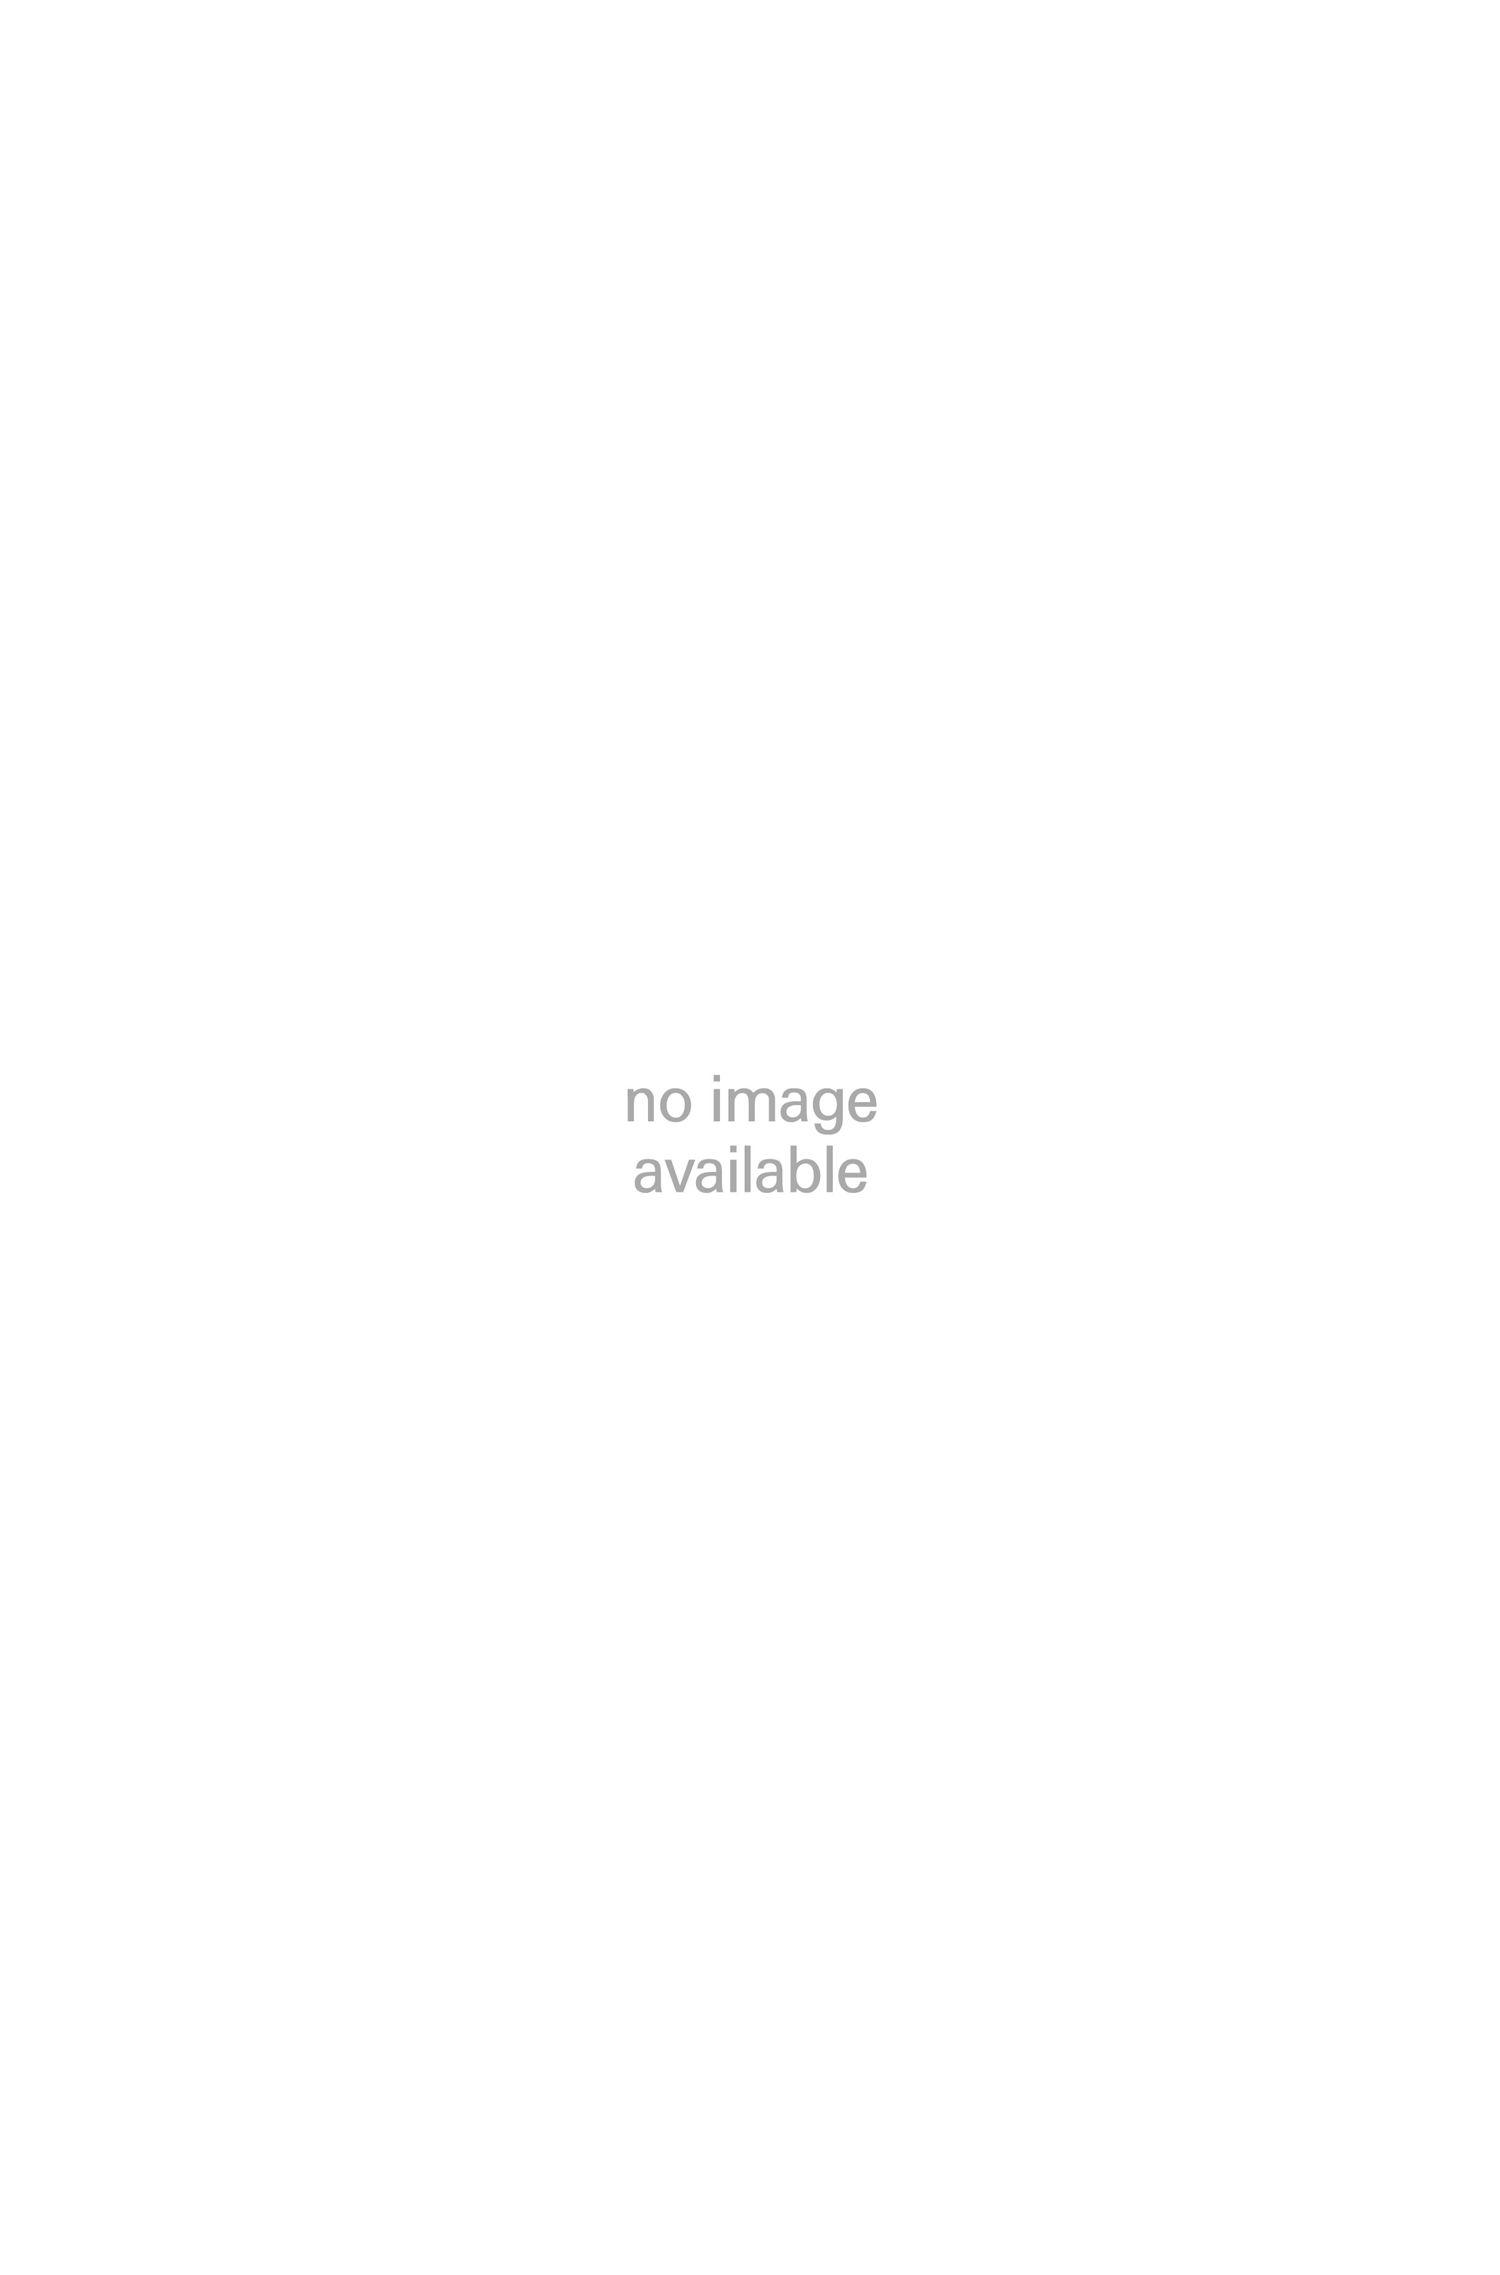 Poloshirt met lange mouwen van dubbelgebreide katoen, Donkergrijs